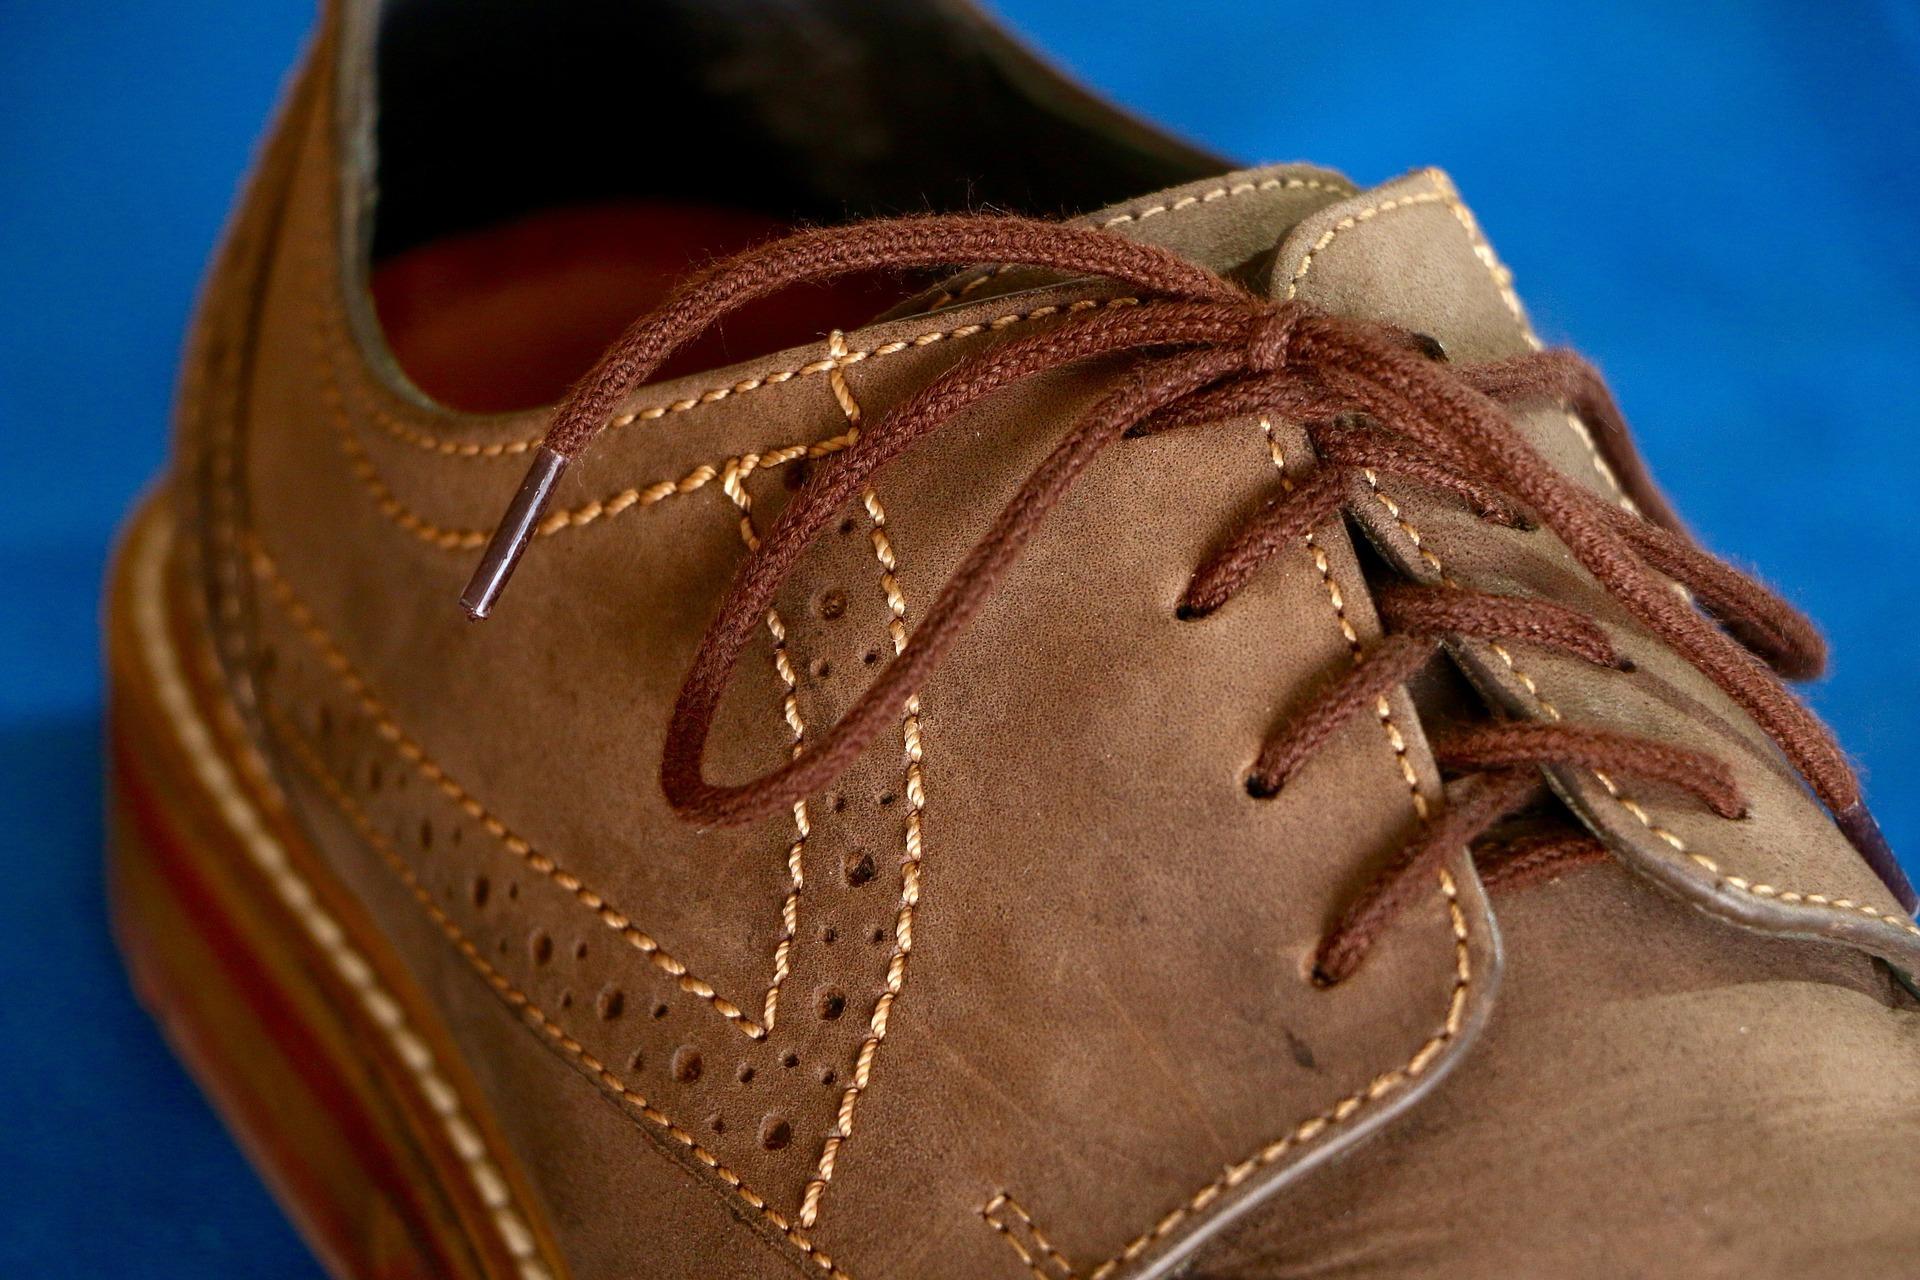 由零售業轉型為知識服務產業,看阿瘦皮鞋的轉型策略